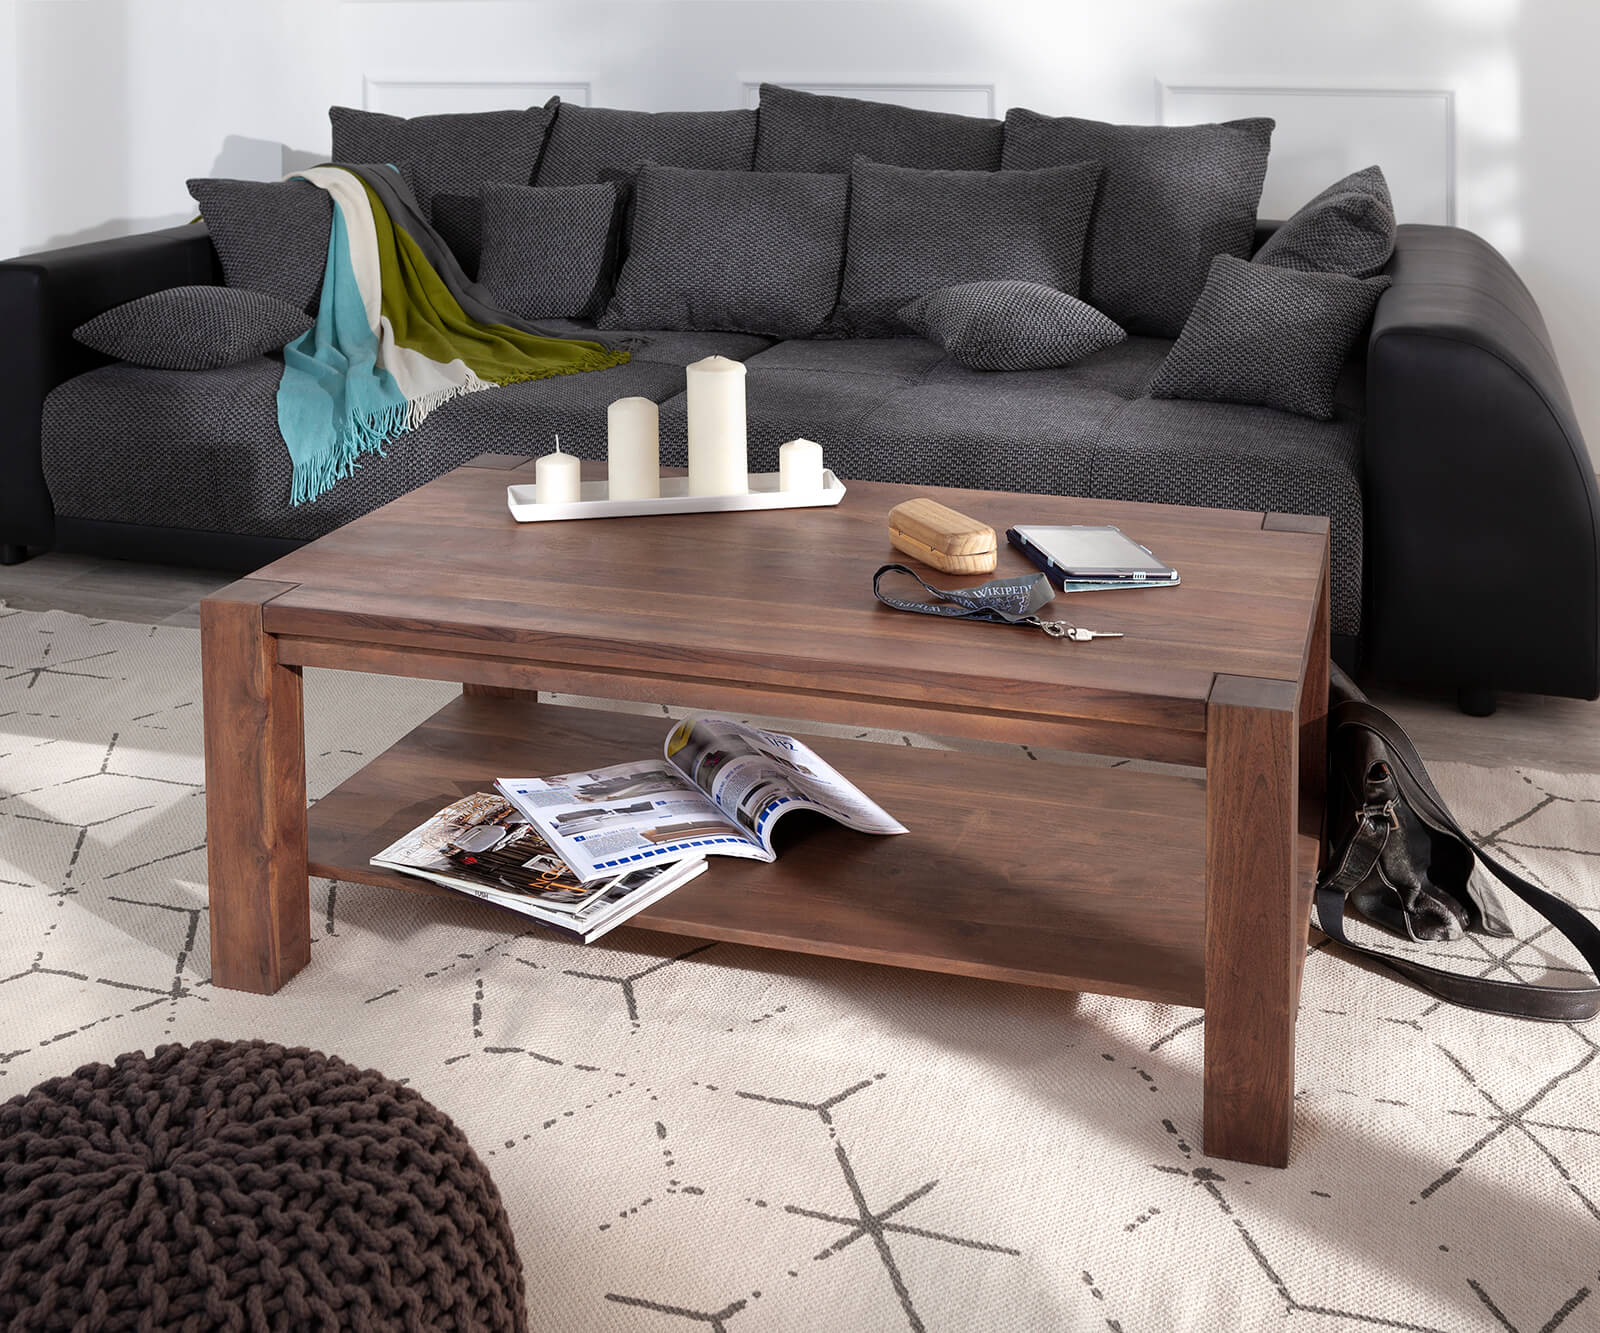 delife-couchtisch-indra-akazie-braun-120x70-ablage-massivholz-couchtische